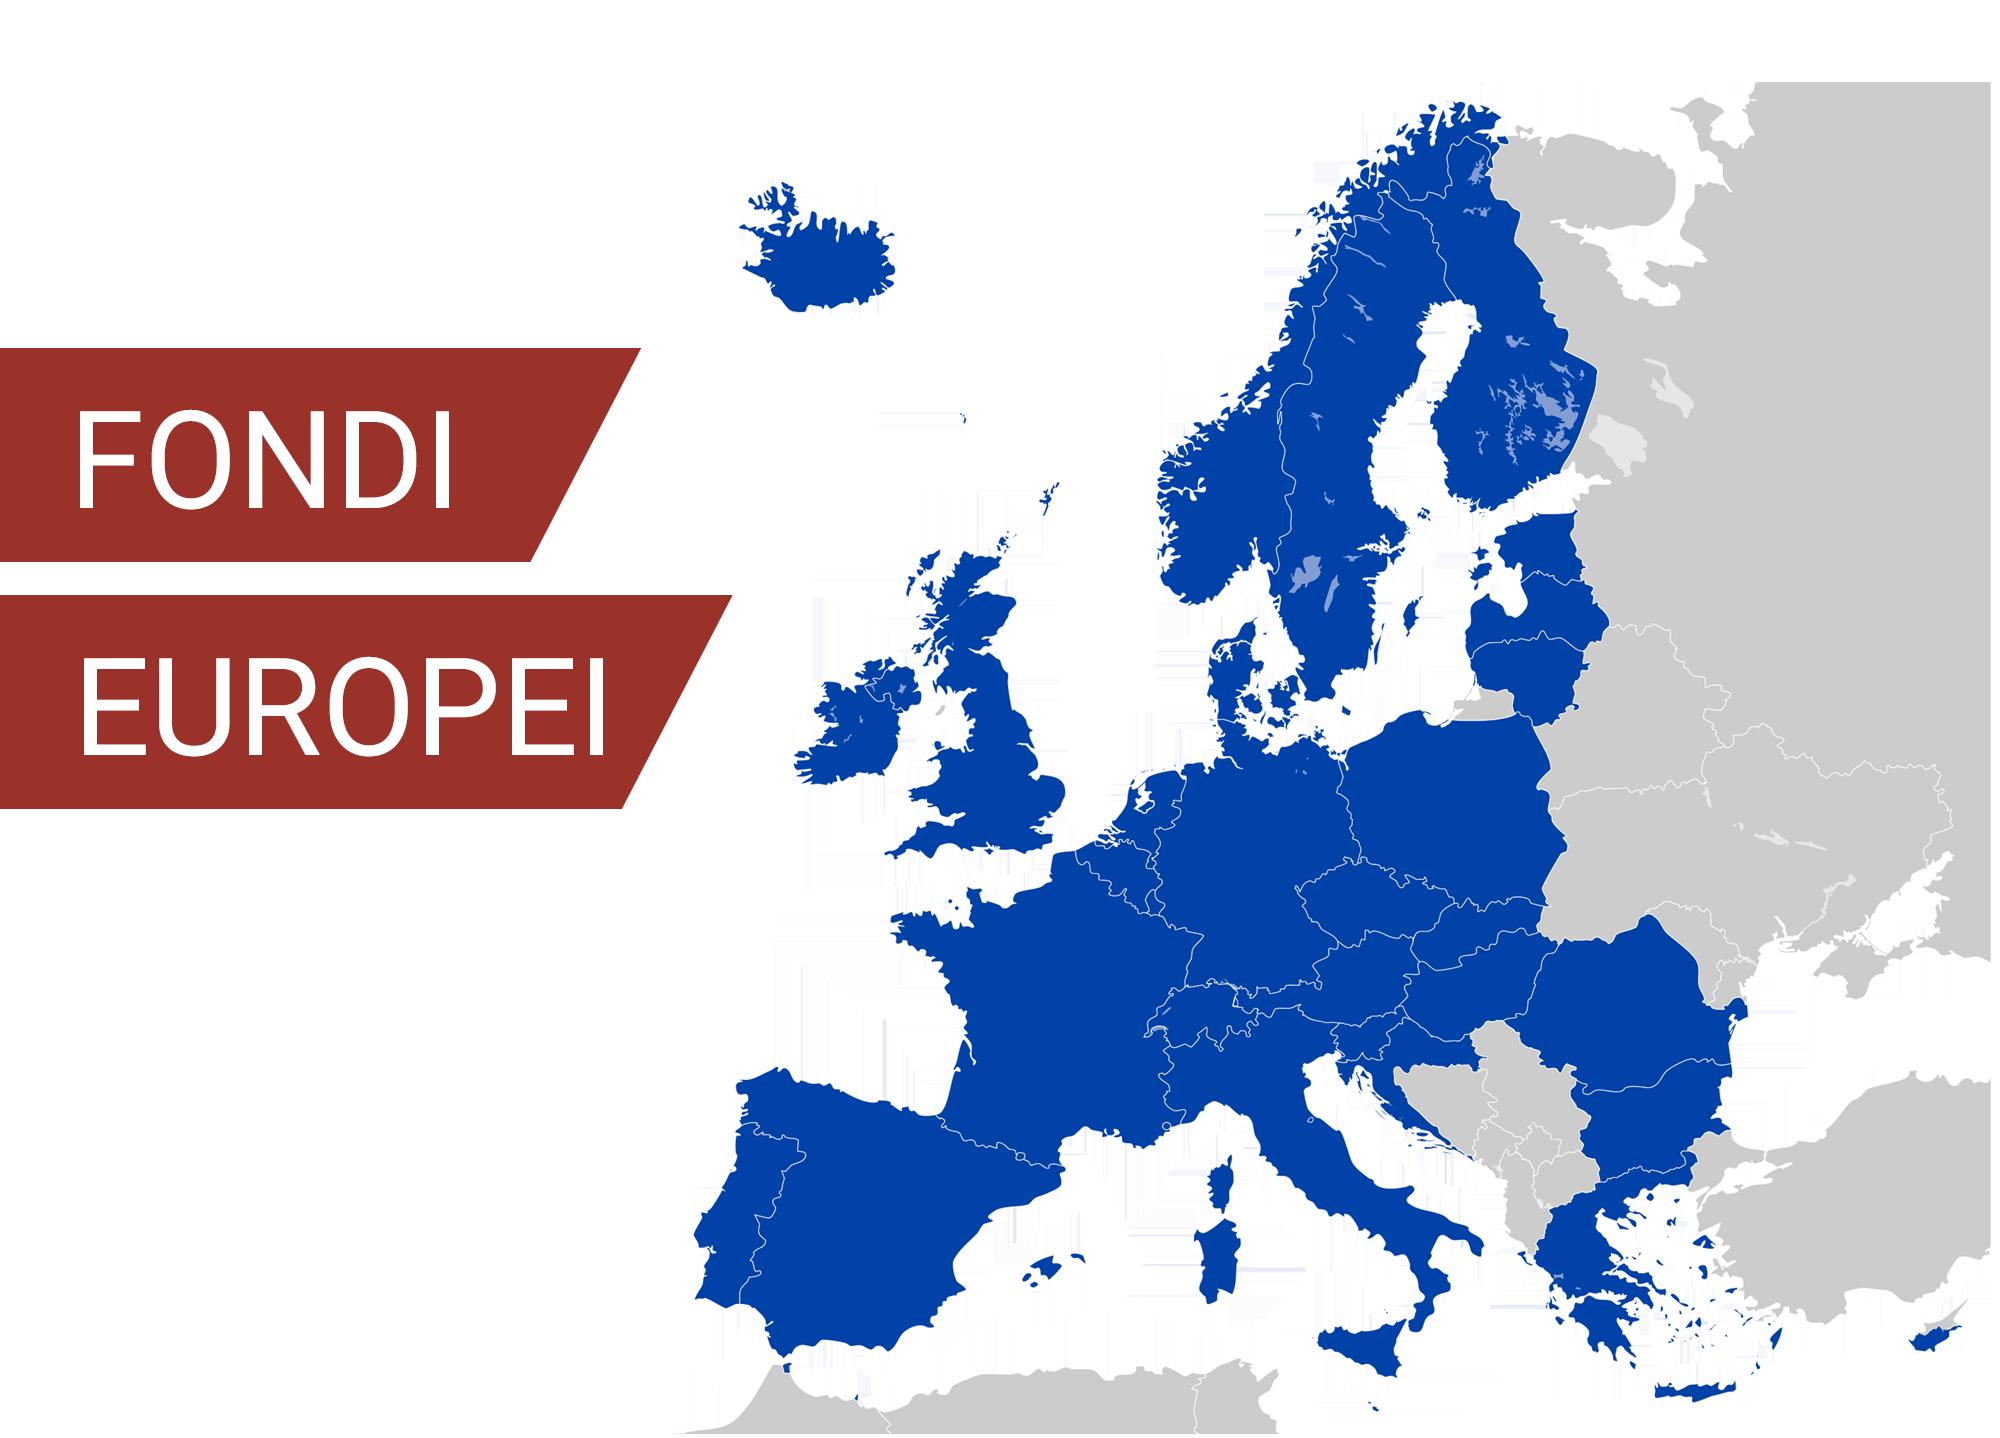 Fondi Europei, inaccettabili i tempi della Regione